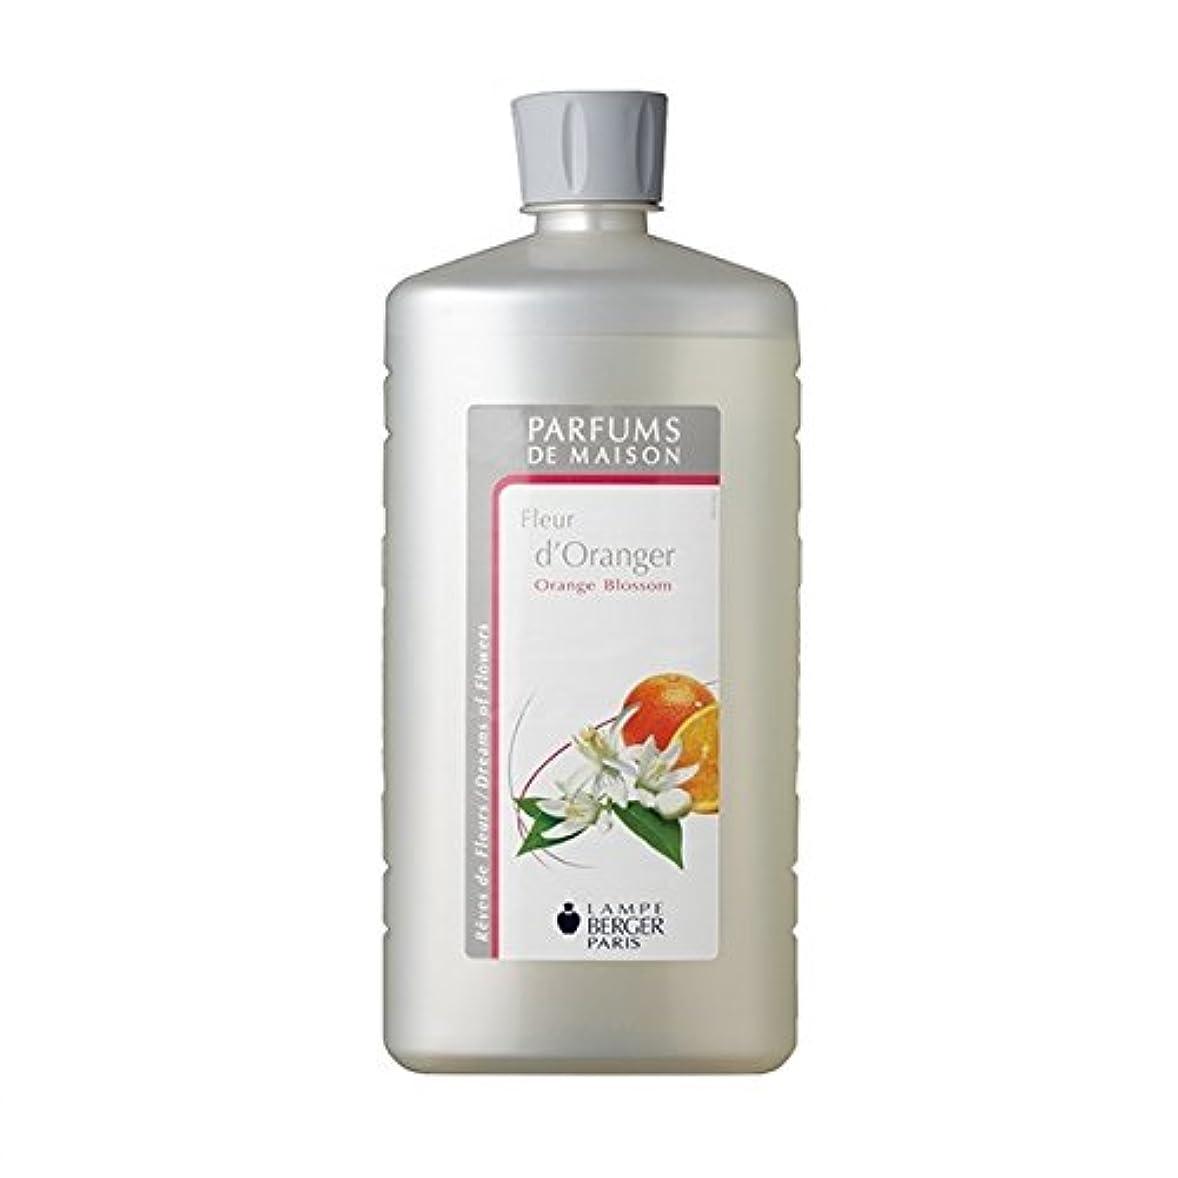 ひどく傀儡クランシーランプベルジェオイル(オレンジブロッサム)Fleur d'oranger / Orange Blossom